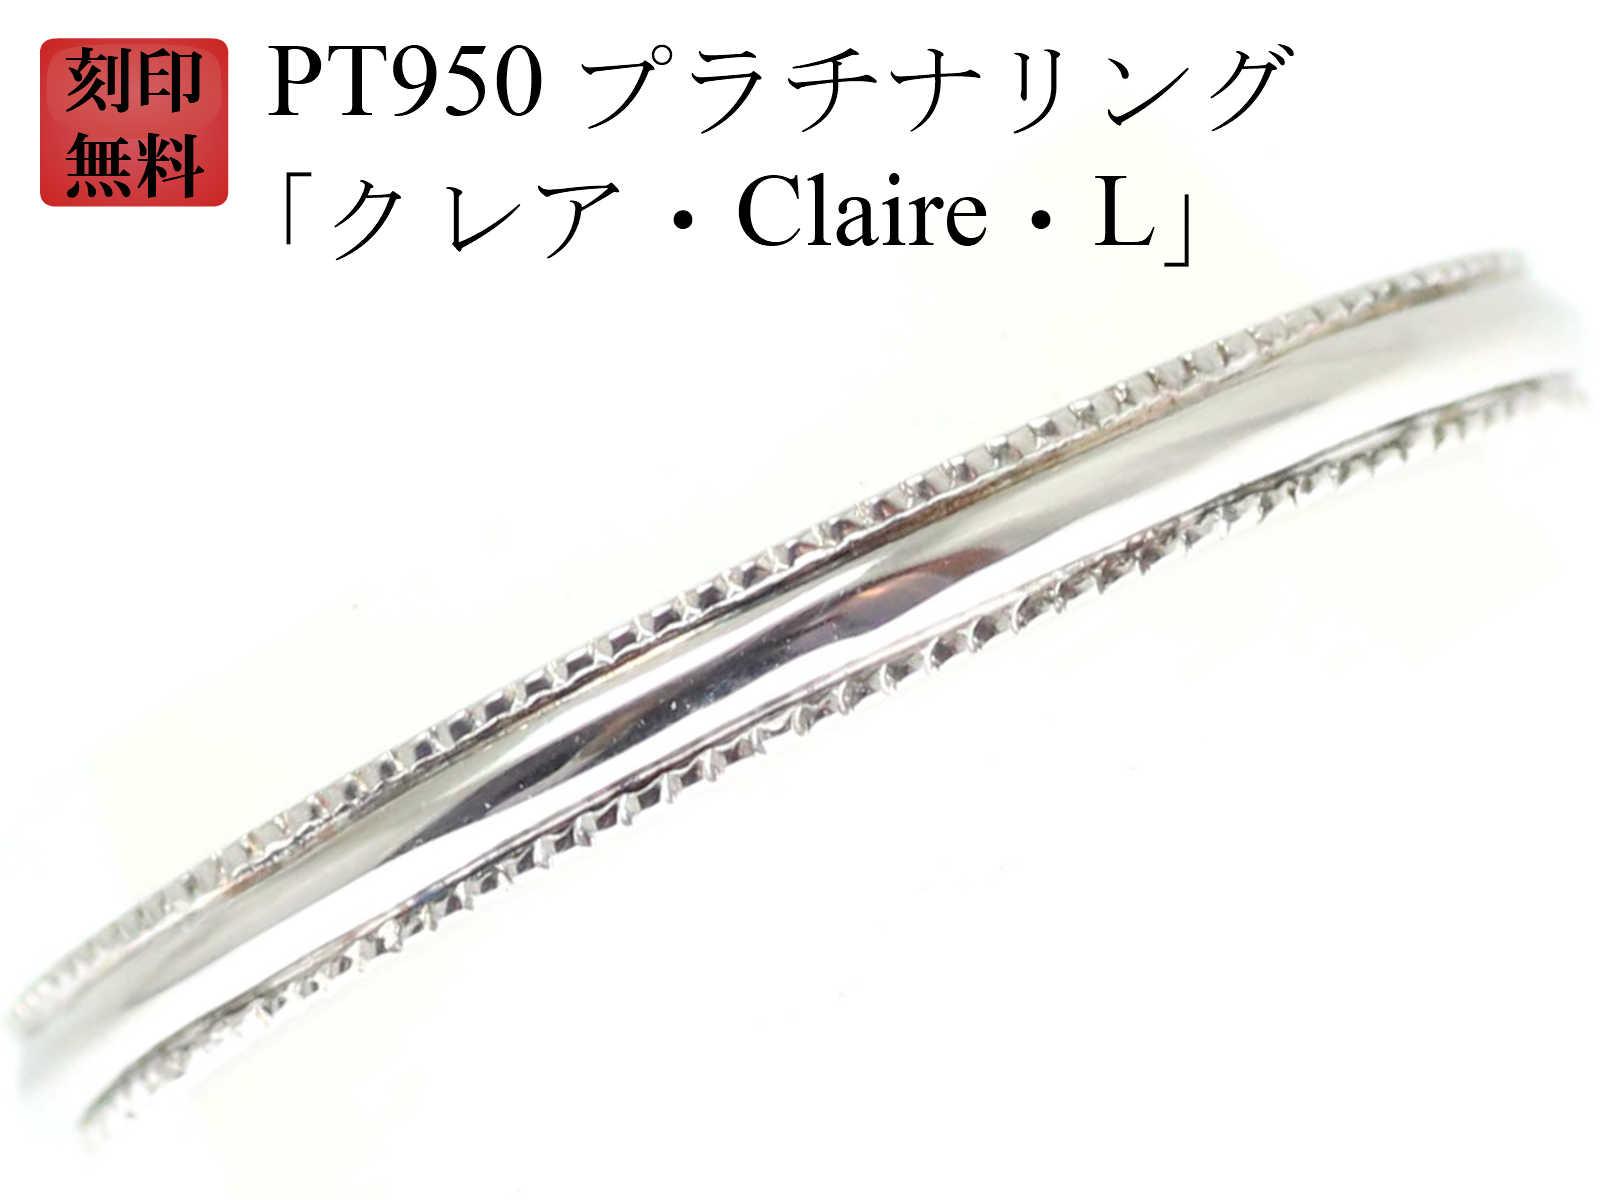 結婚指輪 マリッジリング Pt950 プラチナ リング ( 純プラチナ 95%) 刻印無料 プラチナリング 「Claire・クレア・L」ペアリング 用【サマーセール】